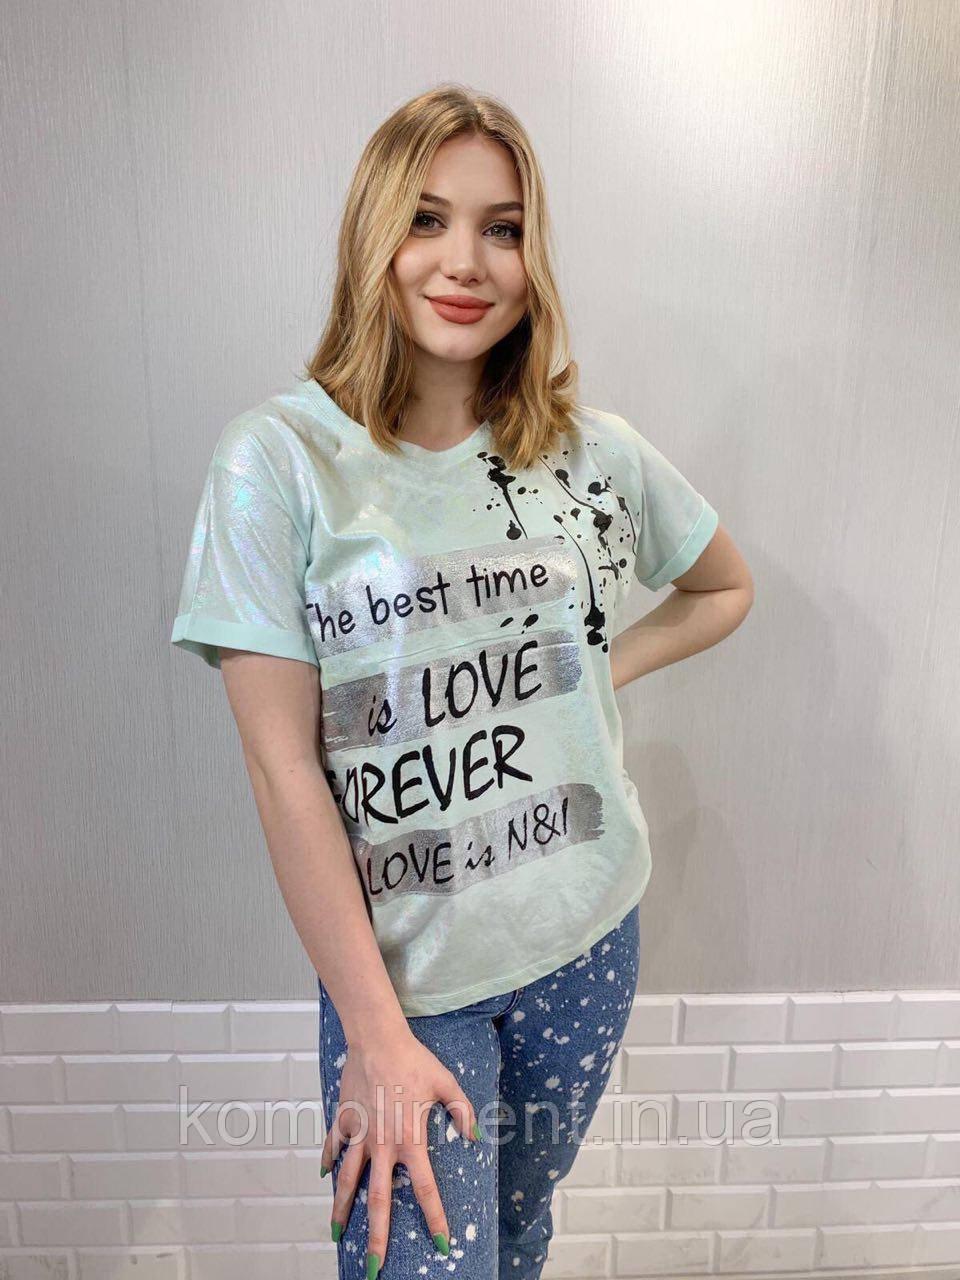 Турецкая трикотажная модная футболка с надписью голубая,7675